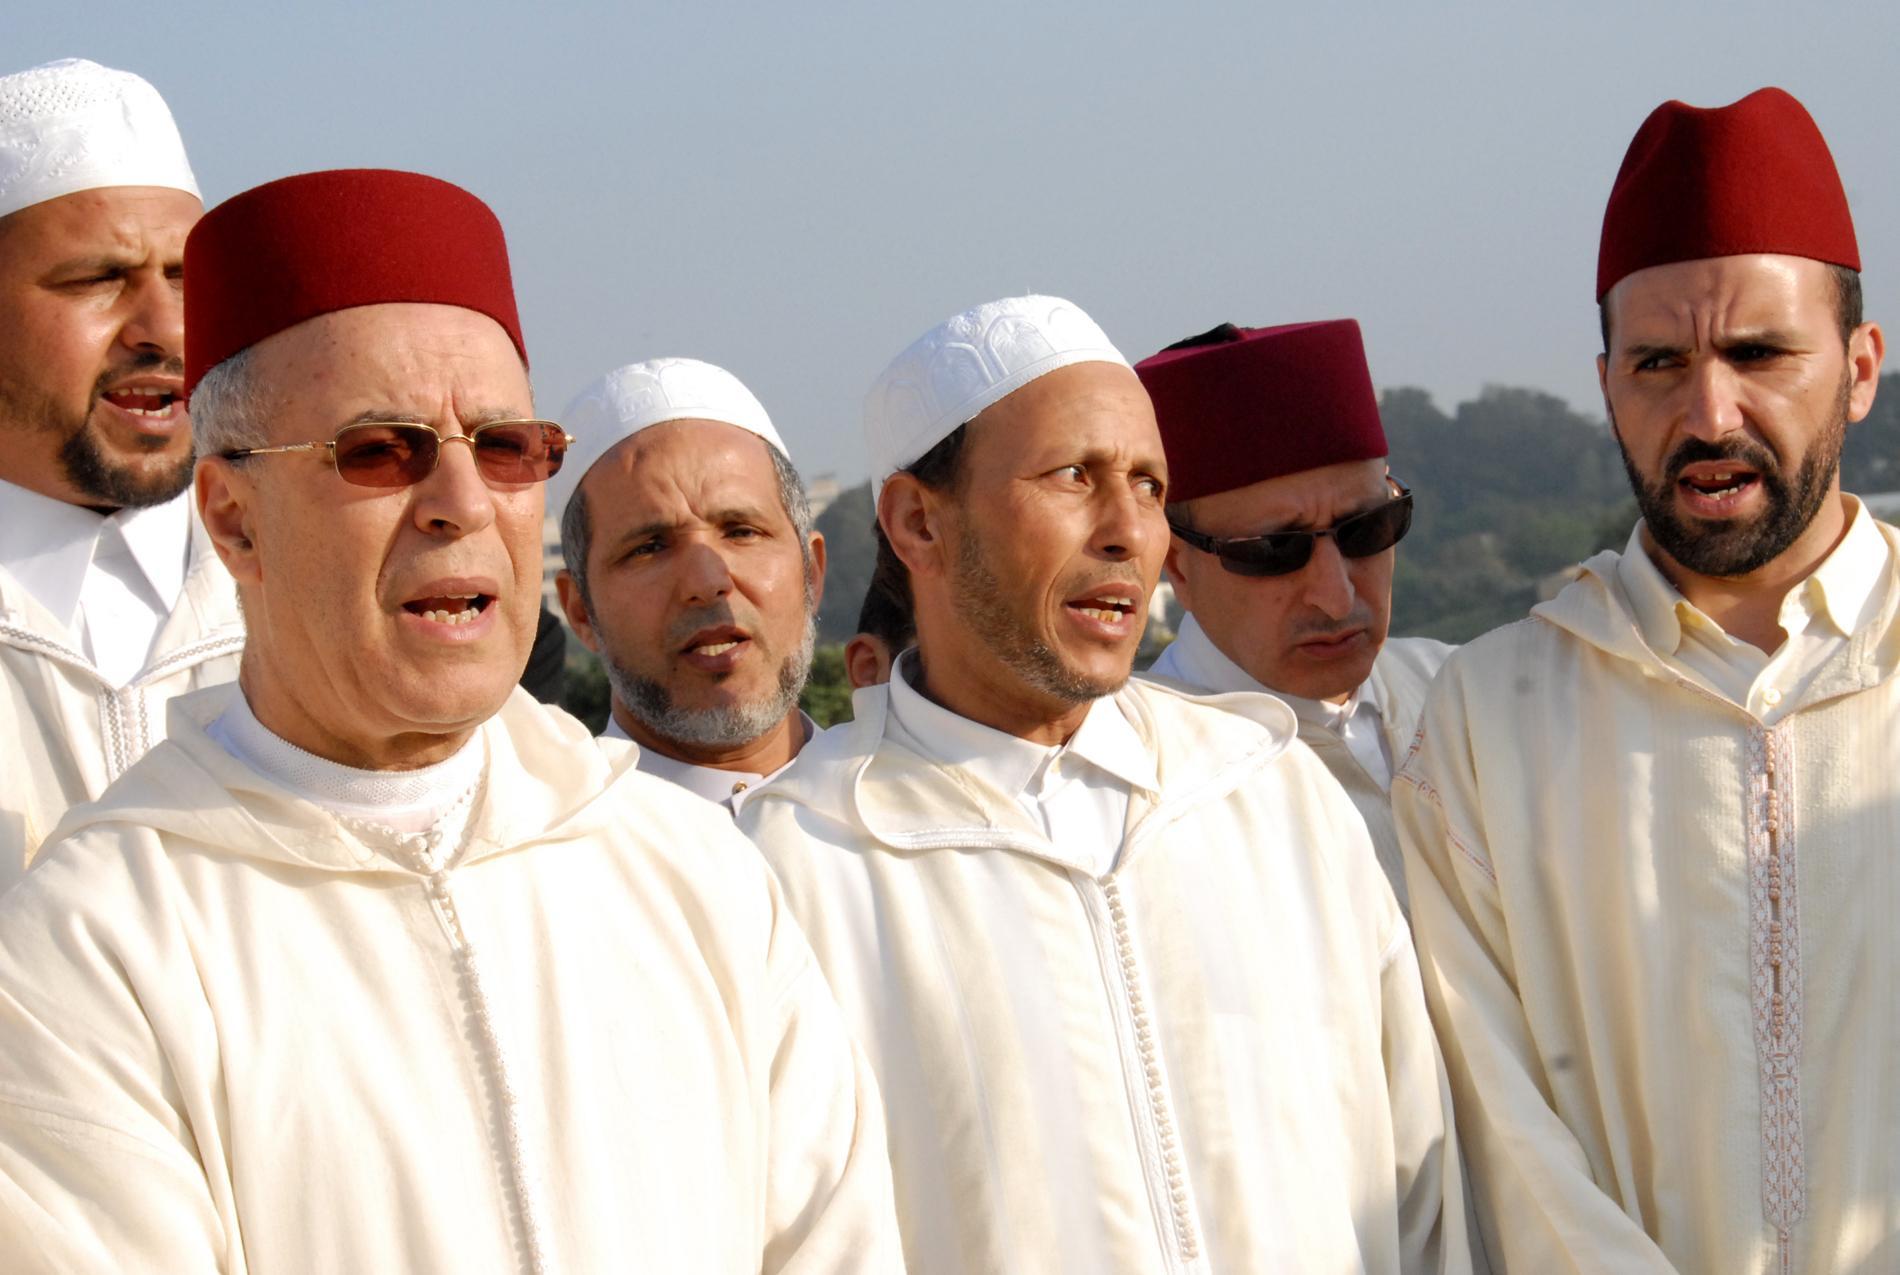 المغرب يرسل 422 إماما إلى أوروبا للإرشاد الديني خلال رمضان